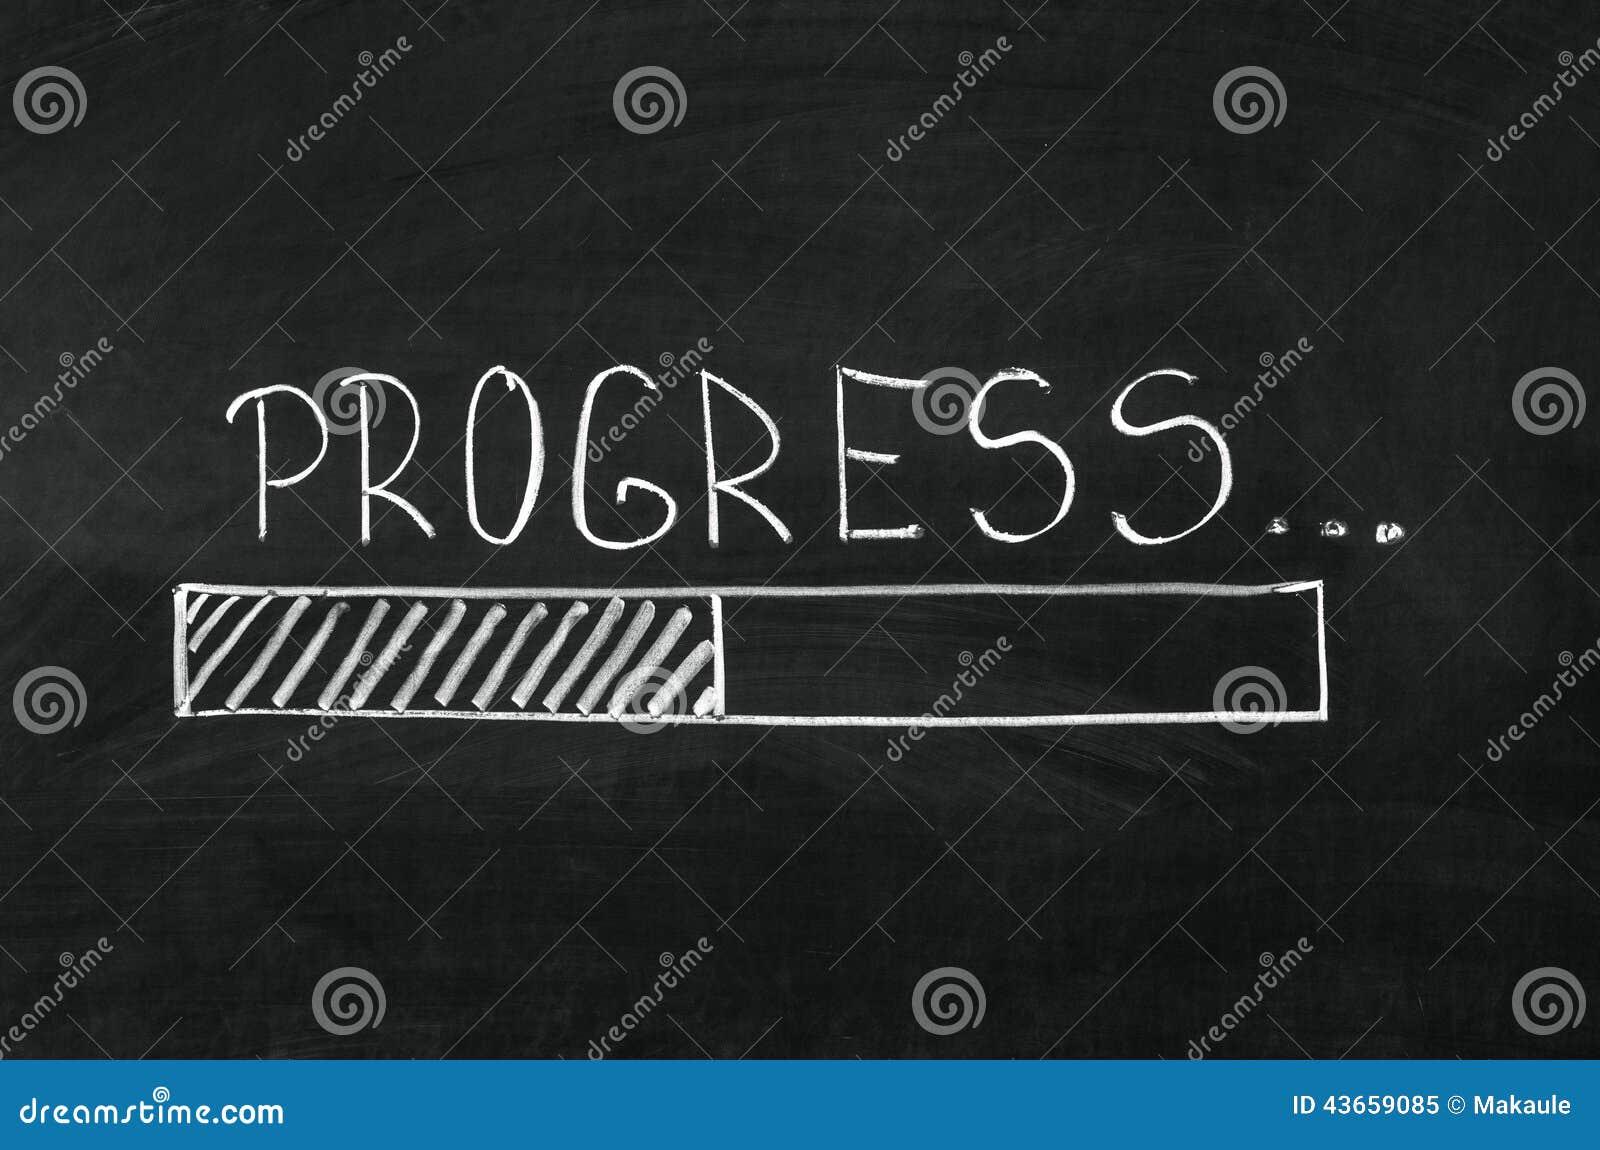 πρόοδος